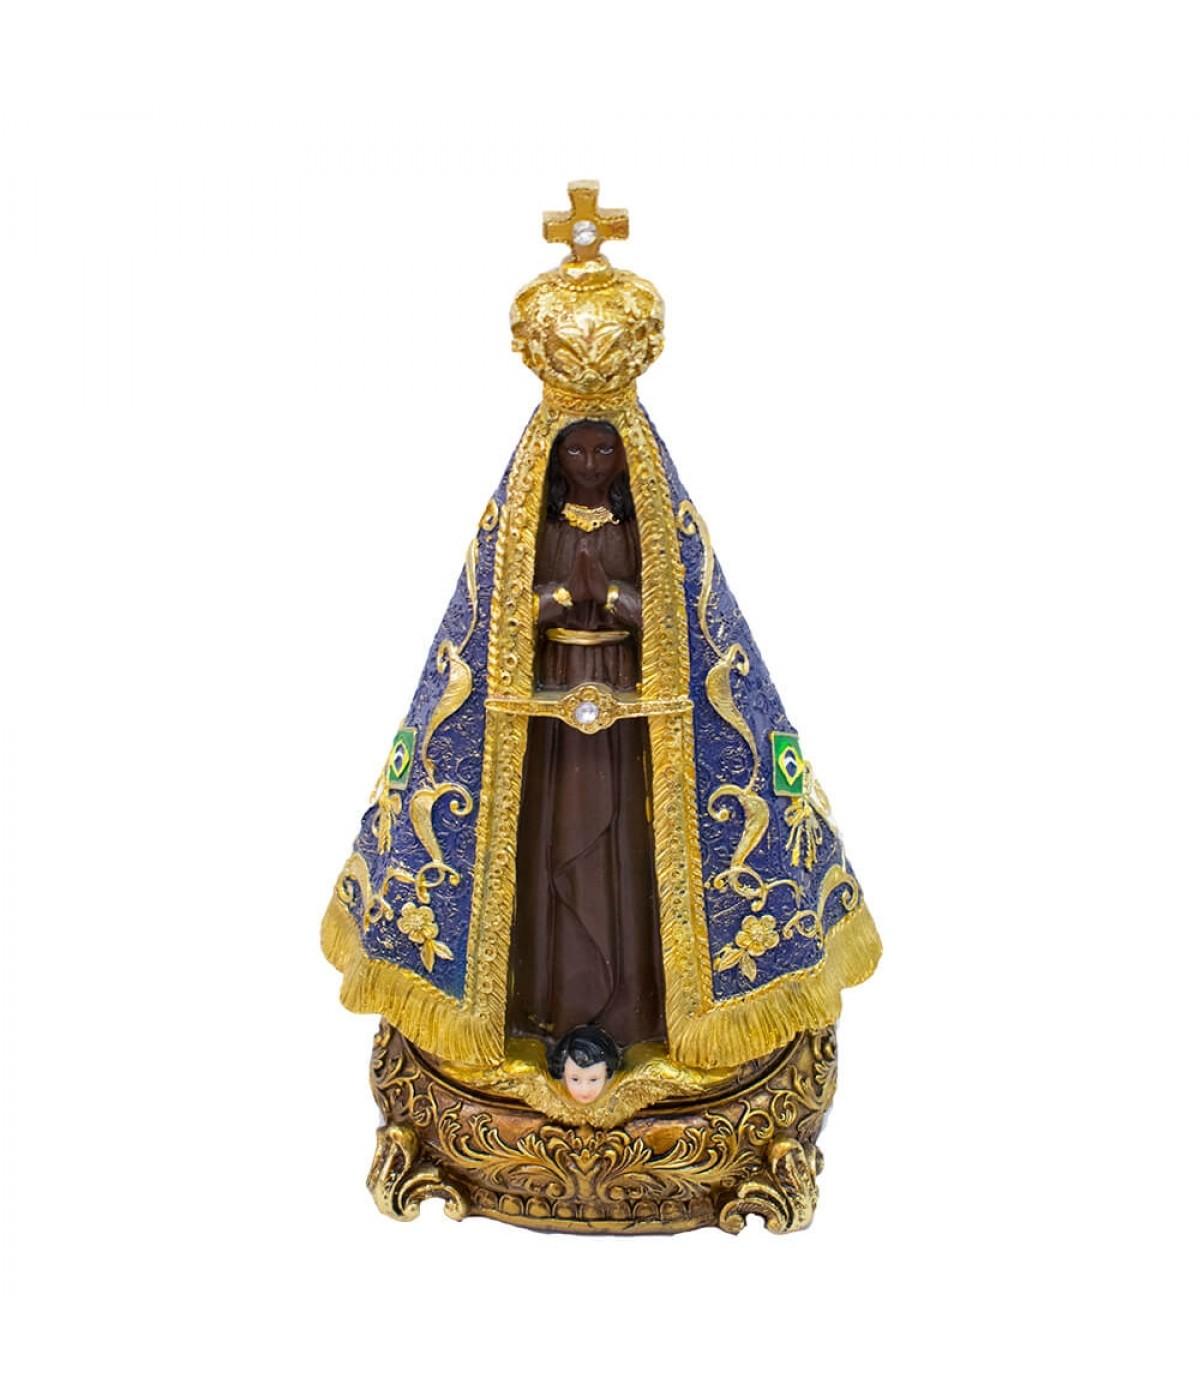 Nossa Senhora Aparecida 32cm - Enfeite Resina